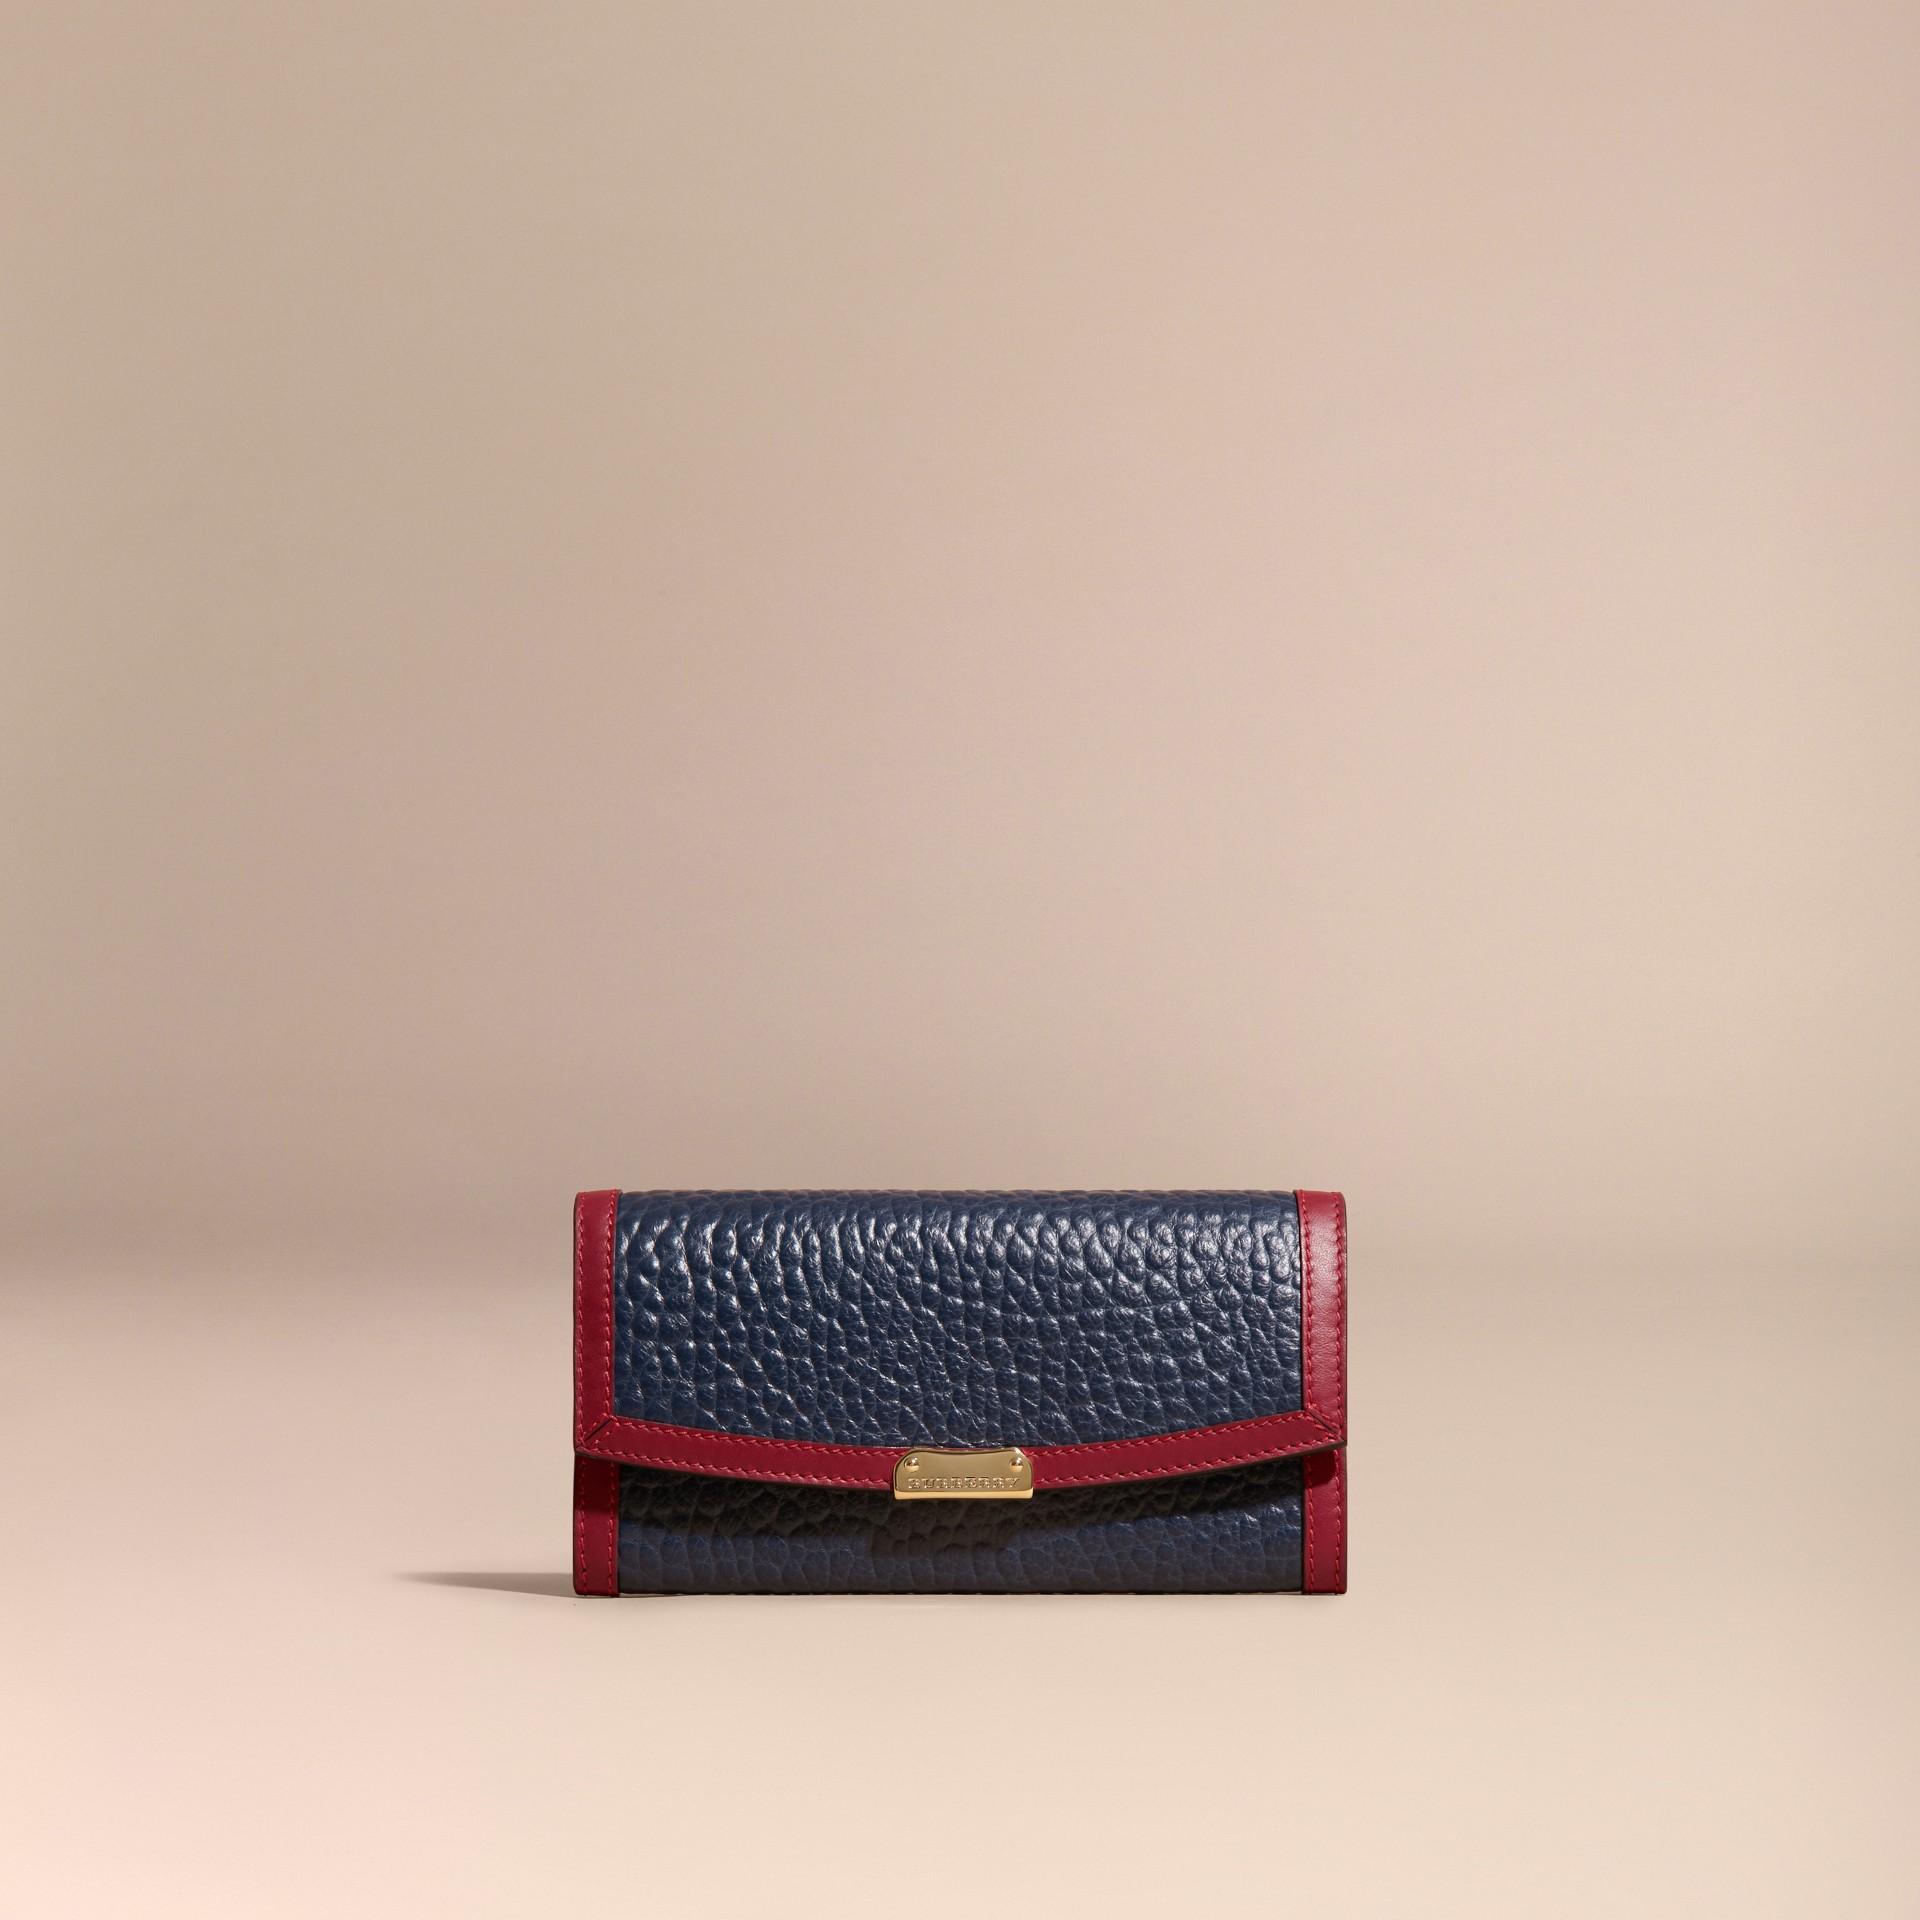 Угольно-синий / парадный красный Классический бумажник из зернистой кожи с окантовкой - изображение 6